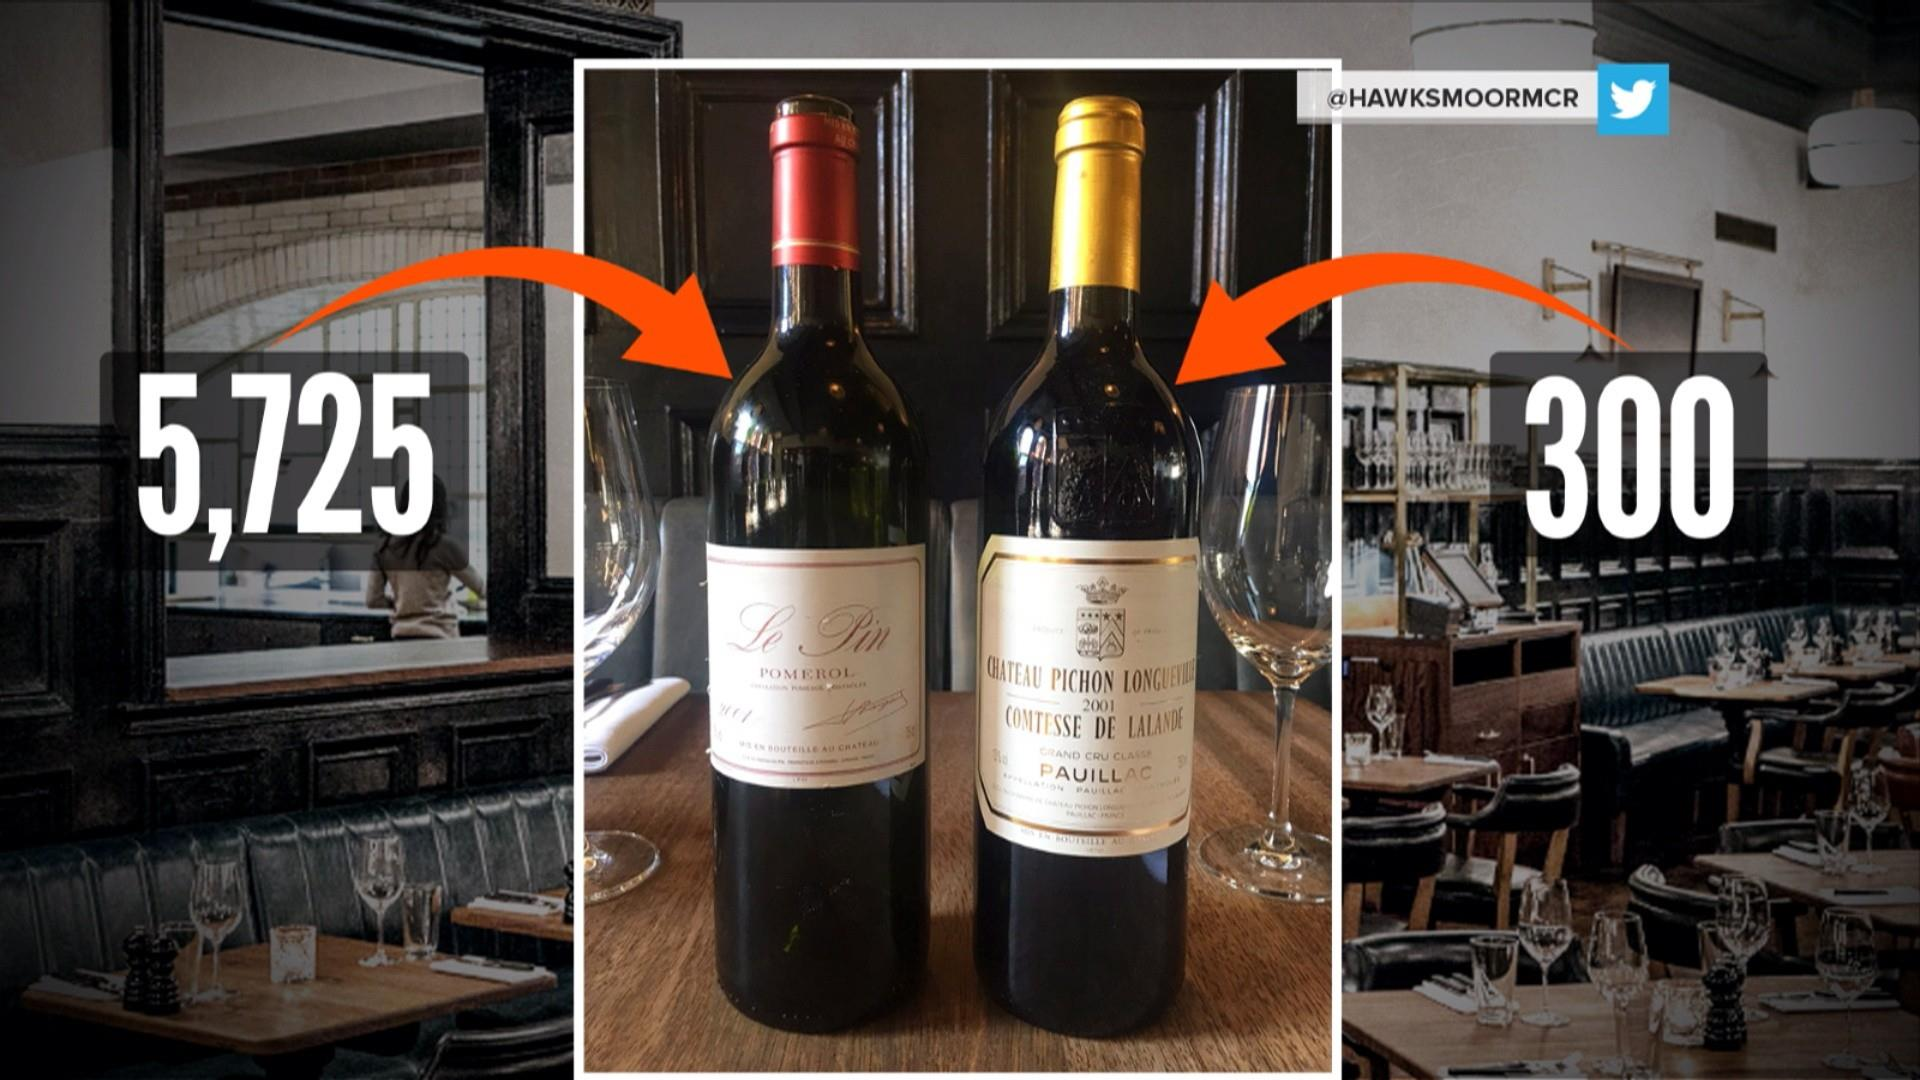 Waiter accidentally serves $5,725 bottle of wine